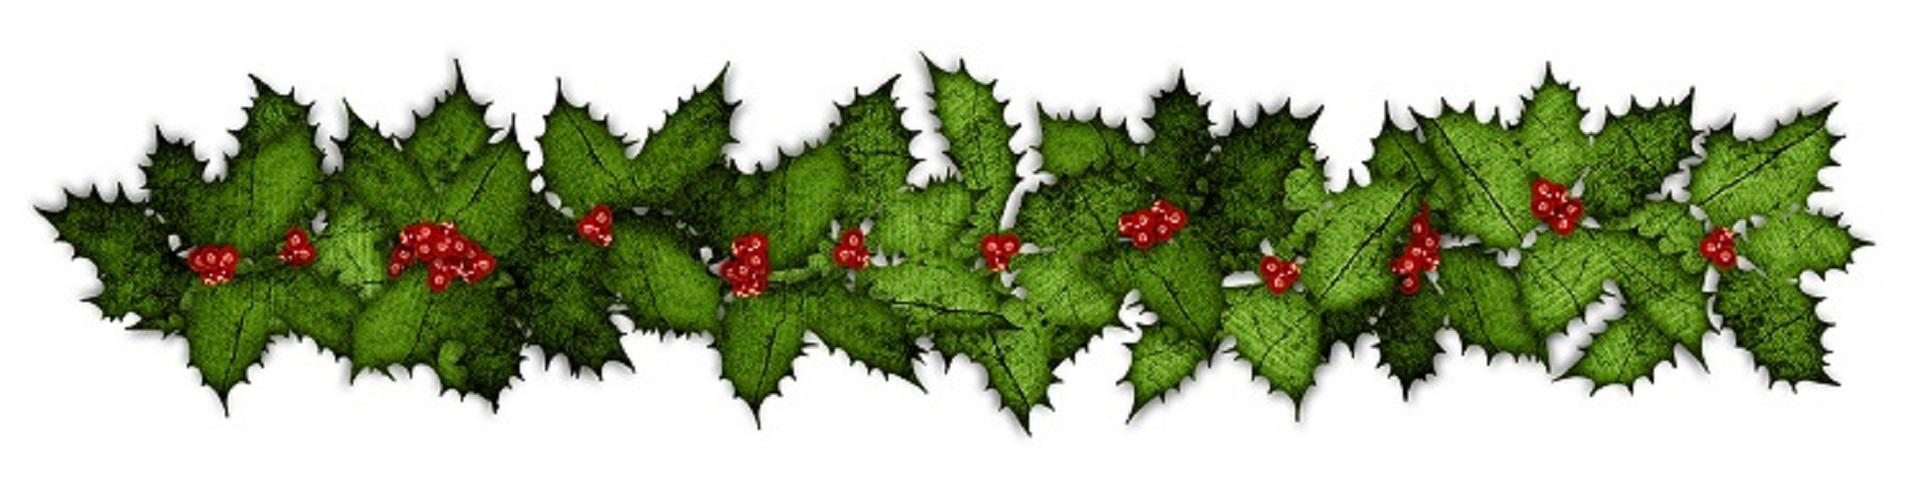 christmas-3019061_1920